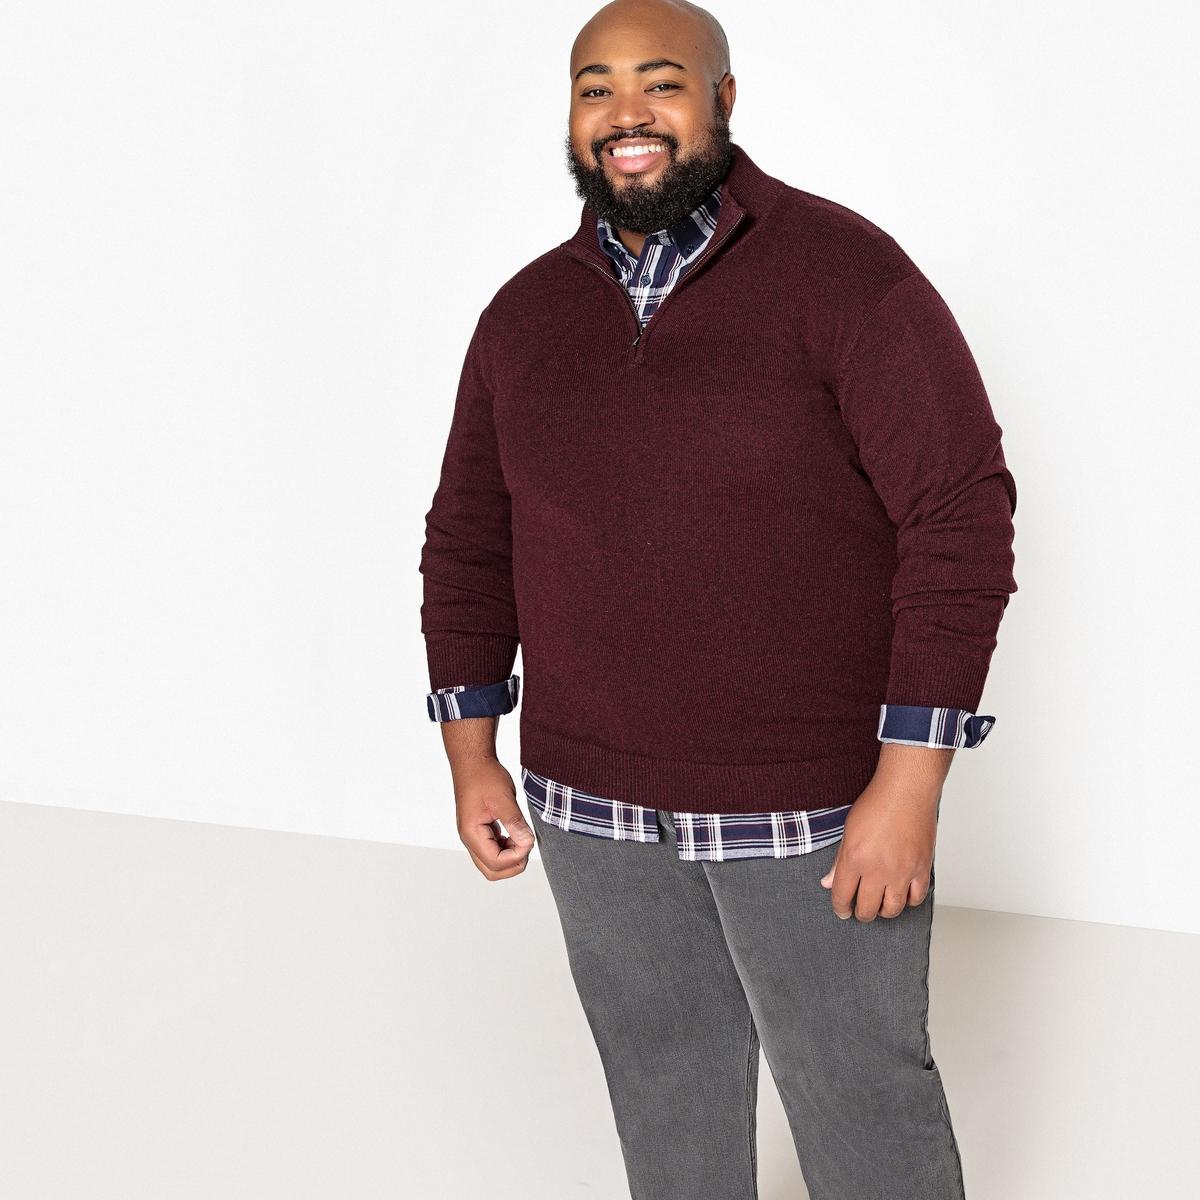 Пуловер из коллекции больших размеров с воротником-стойкой из тонкого трикотажа одежда больших размеров 2015 mm 200